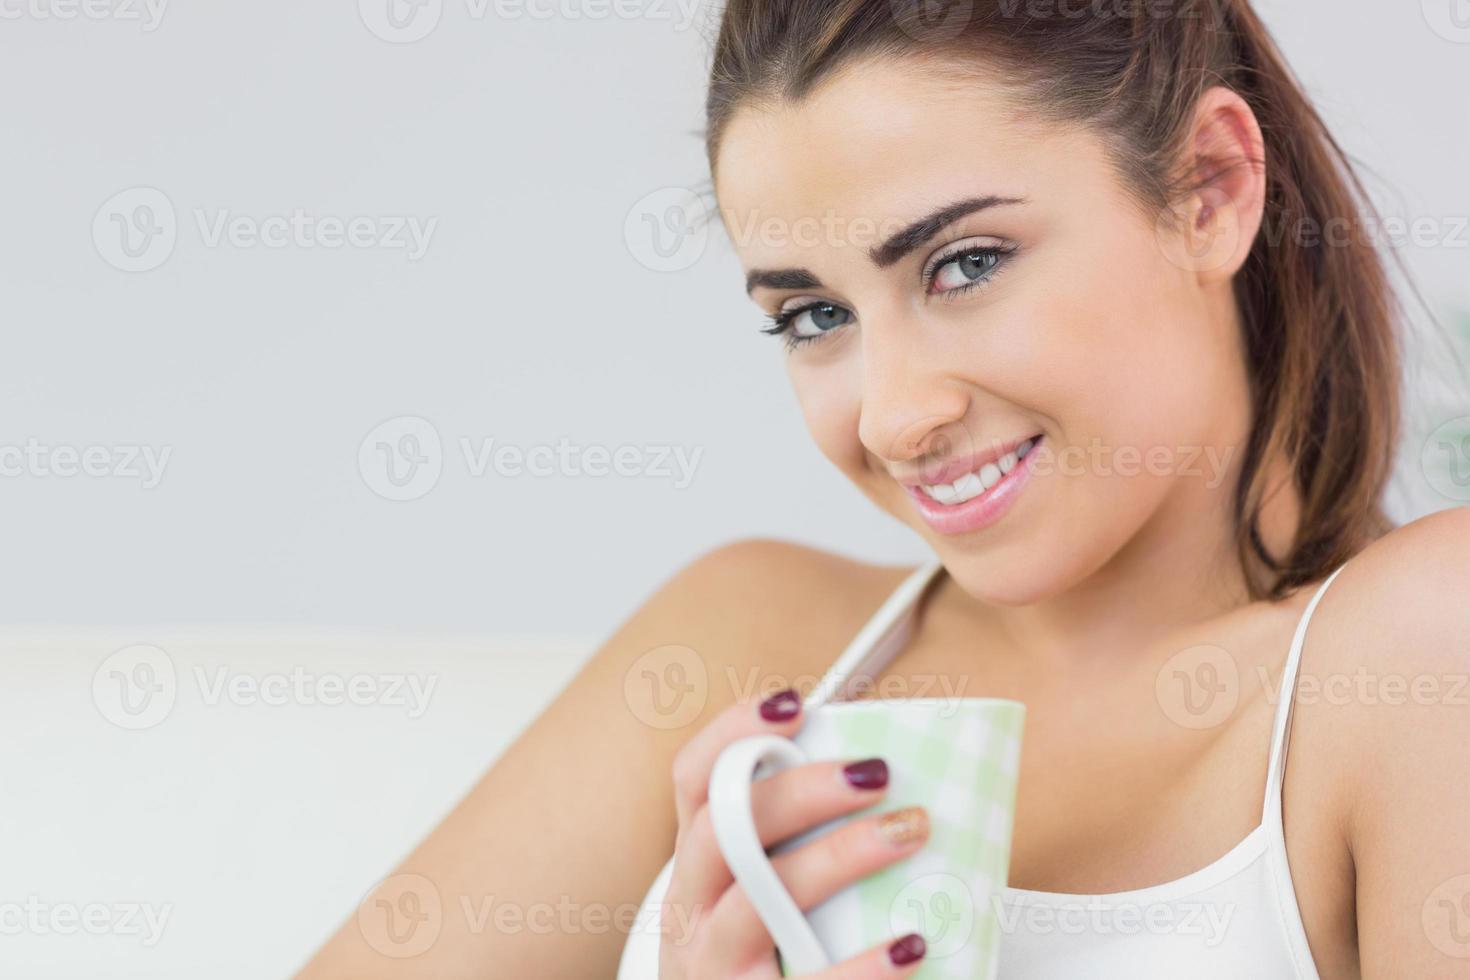 alegre jovem segurando uma xícara foto